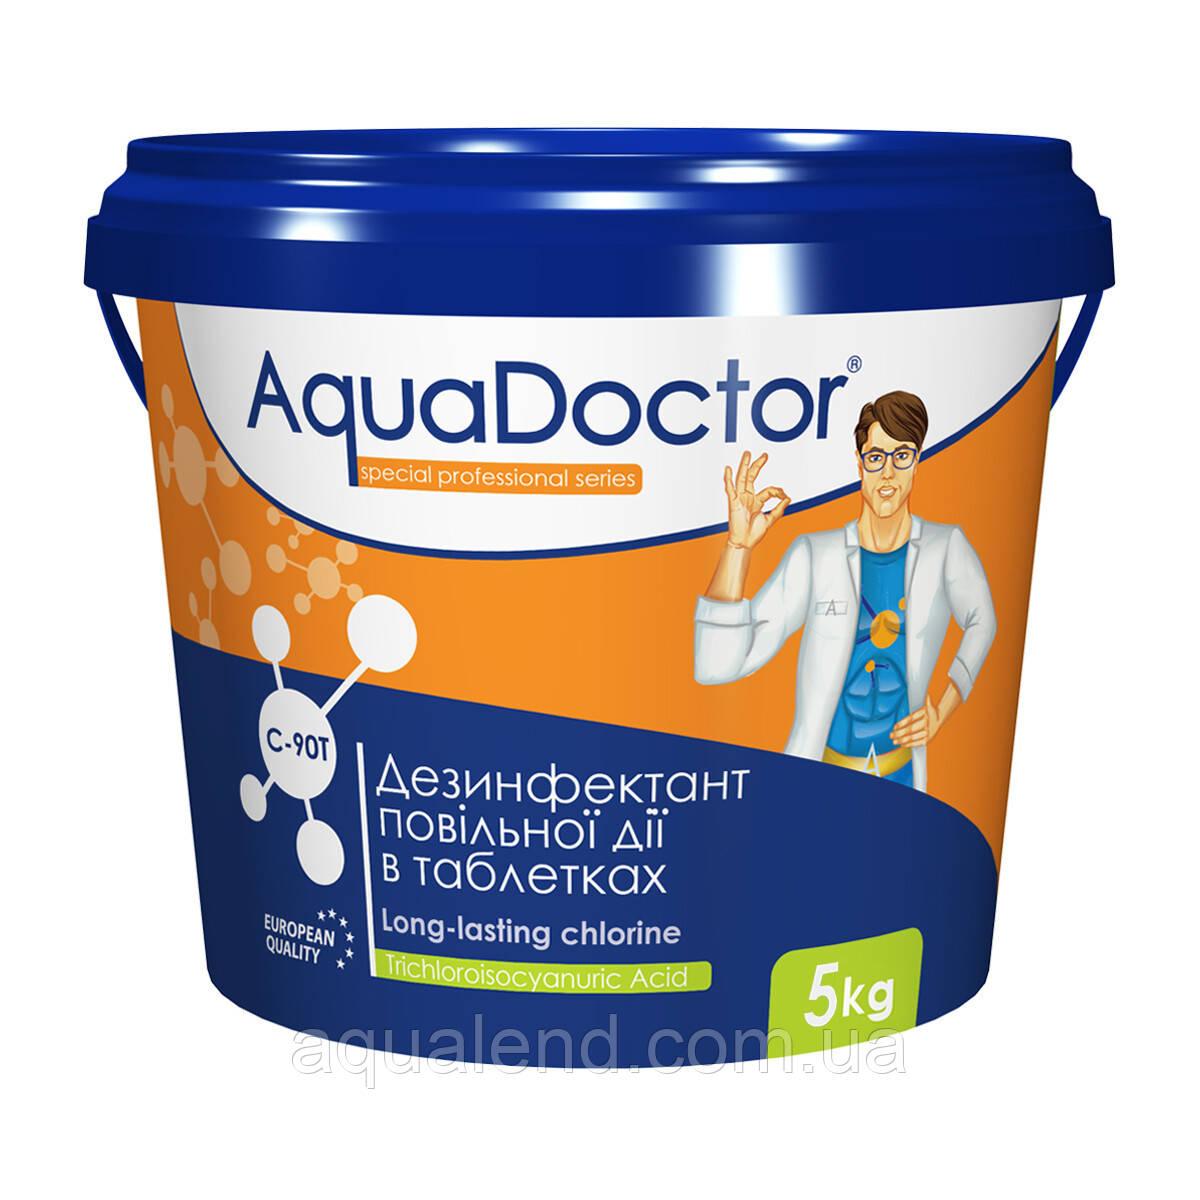 C-90Т, 1кг повільнорозчинний хлор (дезінфекант тривалої дії) у таблетках, AquaDoctor